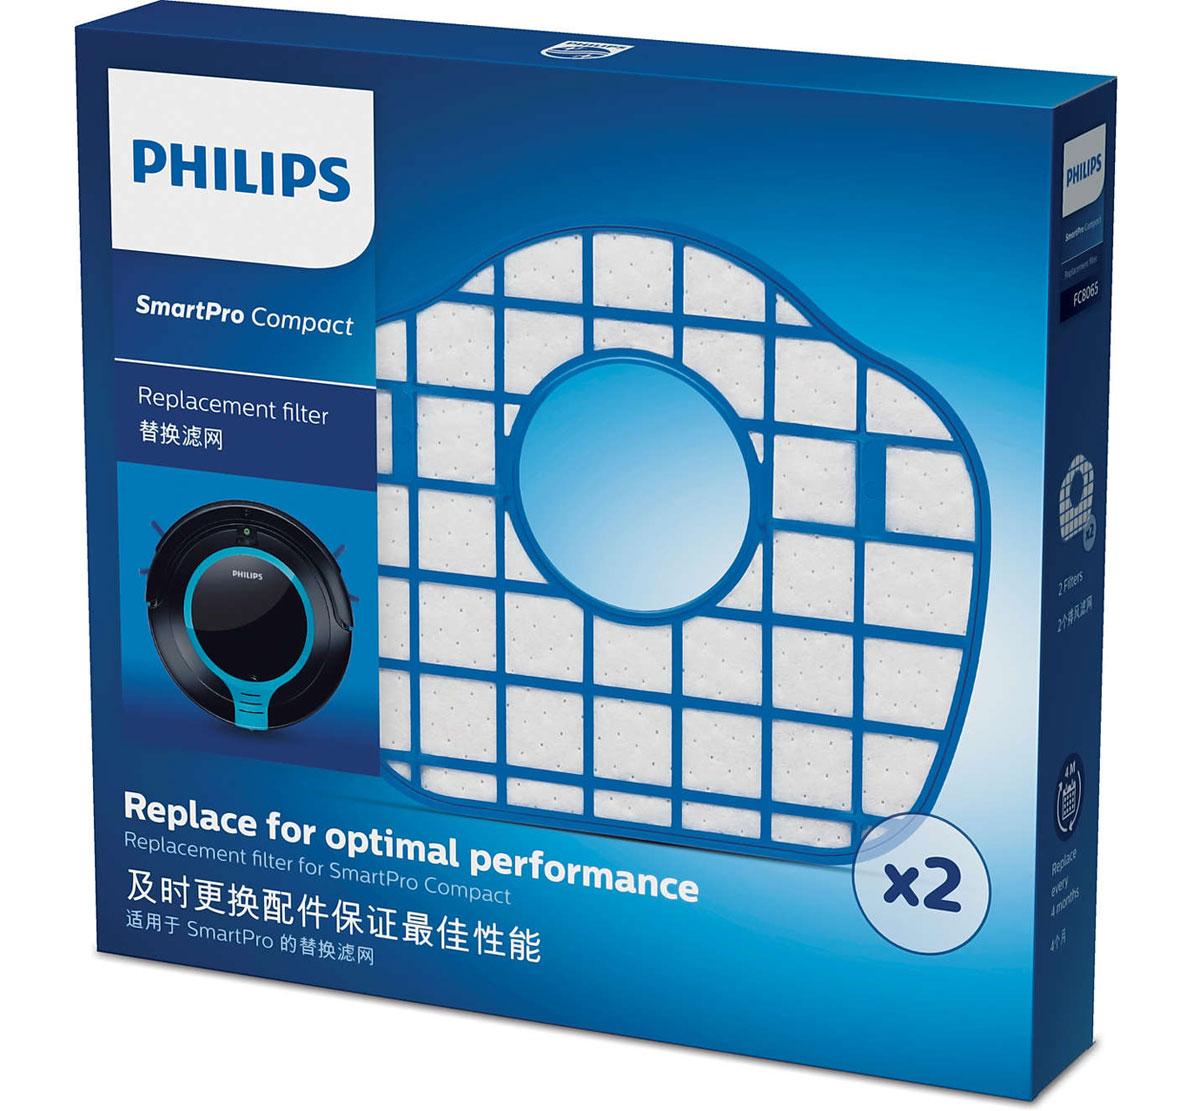 Philips FC8065/01 набор аксессуаров для робот-пылесосов SmartPro Compact philips fc8065 01 набор аксессуаров для робот пылесосов smartpro compact